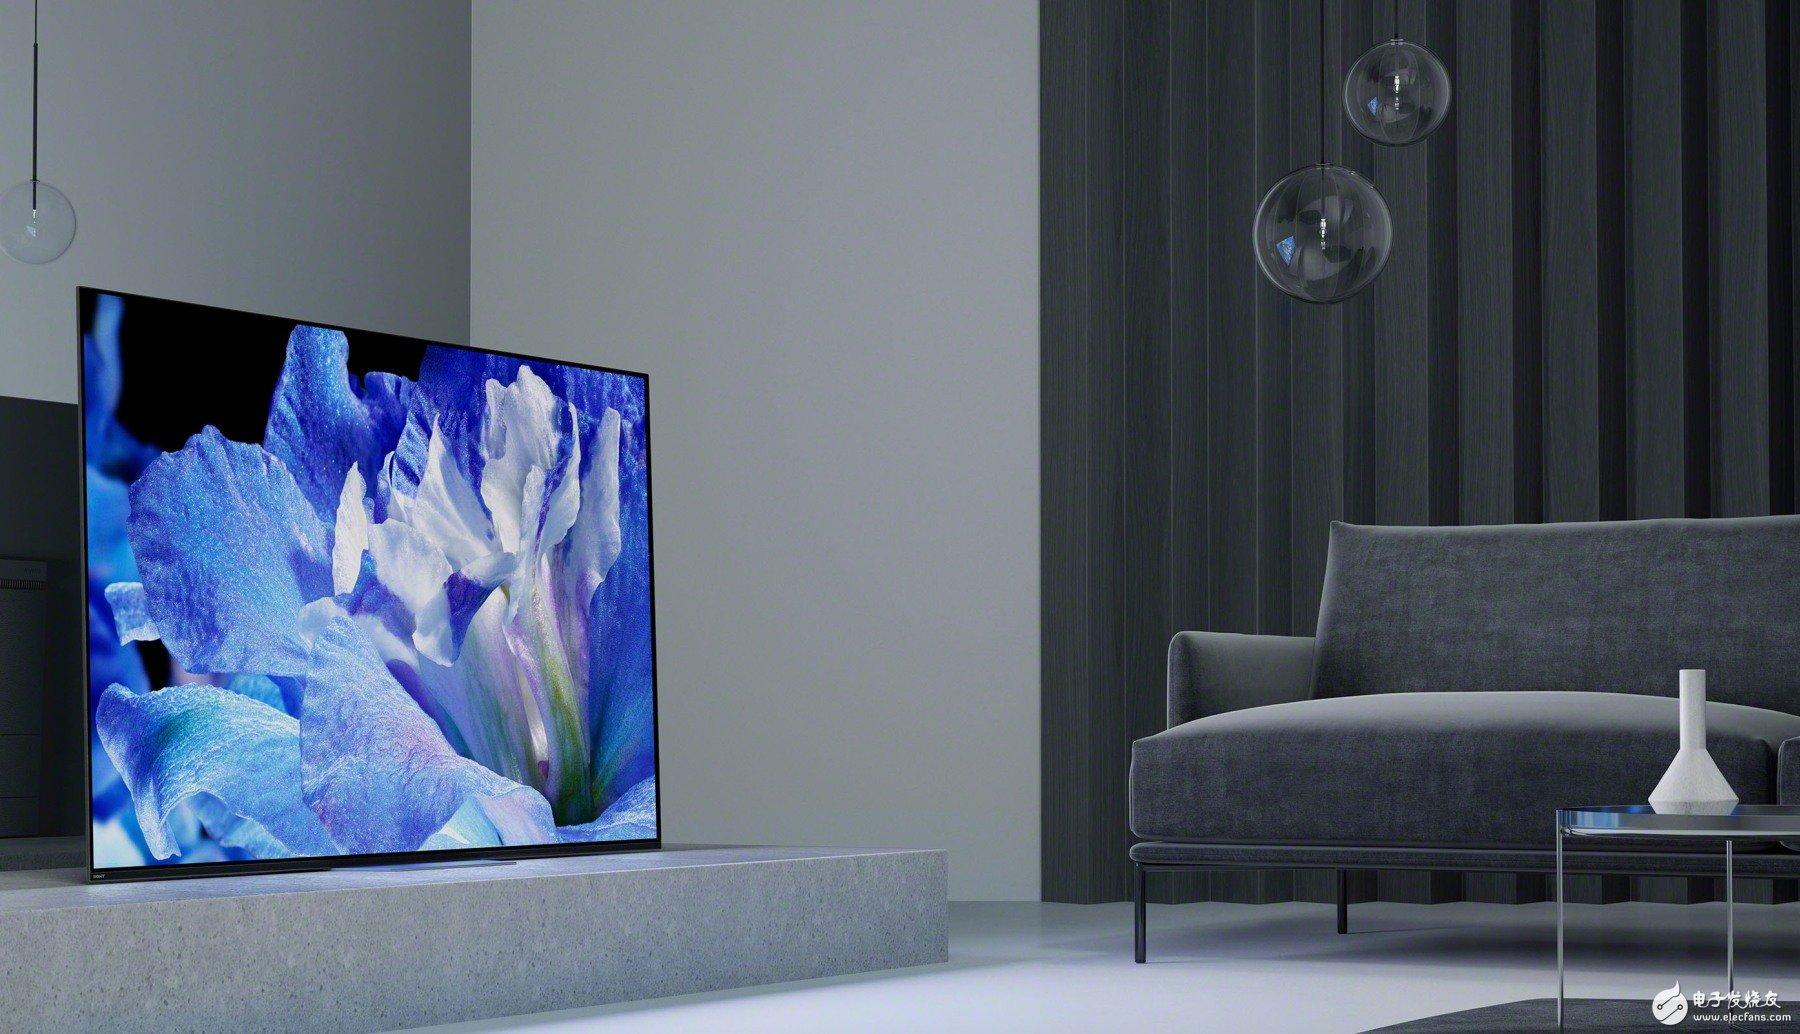 Sony 2018年产品线依旧重点关注电视行业